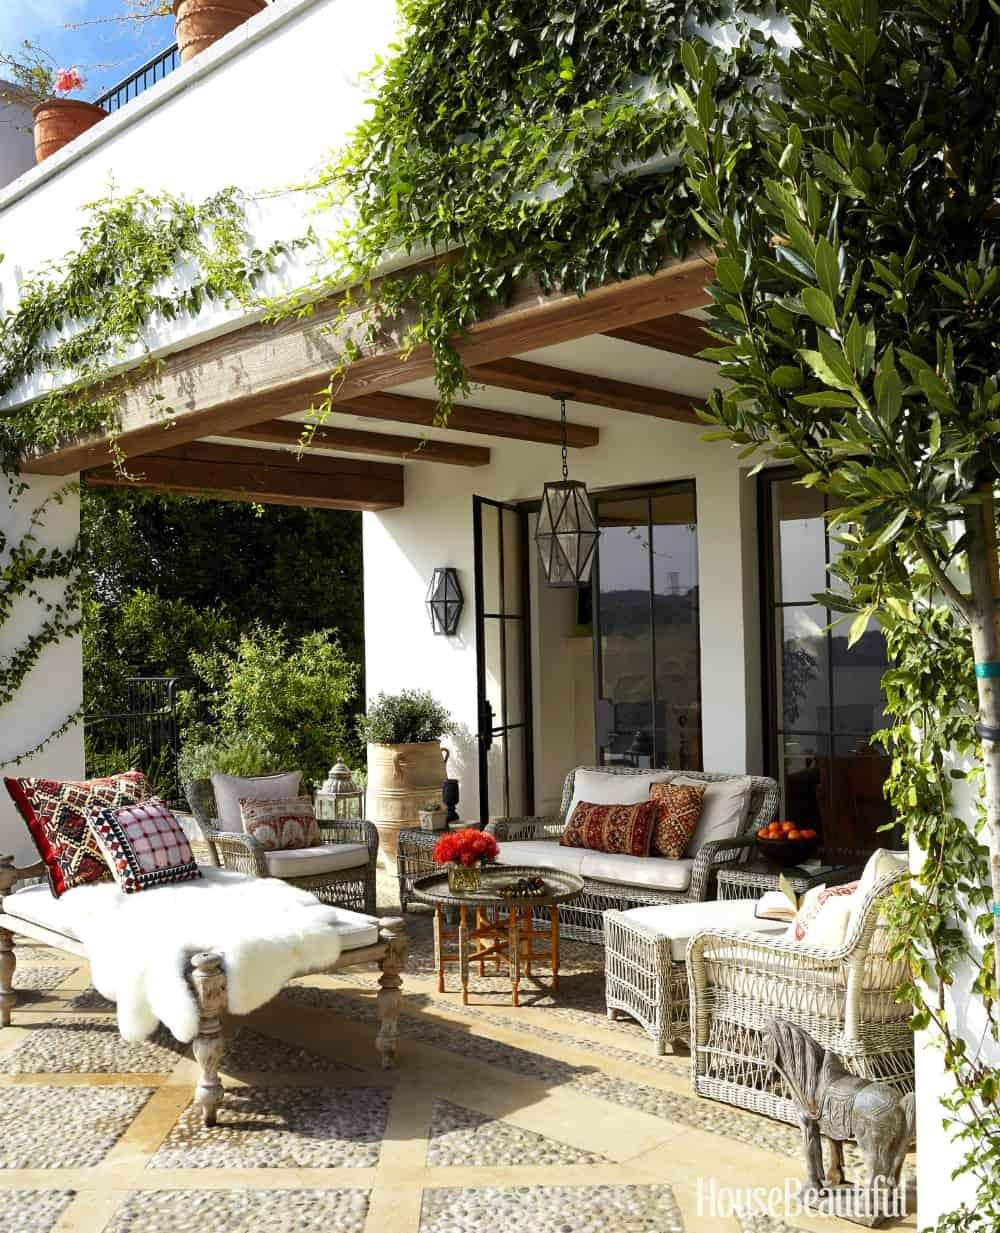 Mediterreanean patio